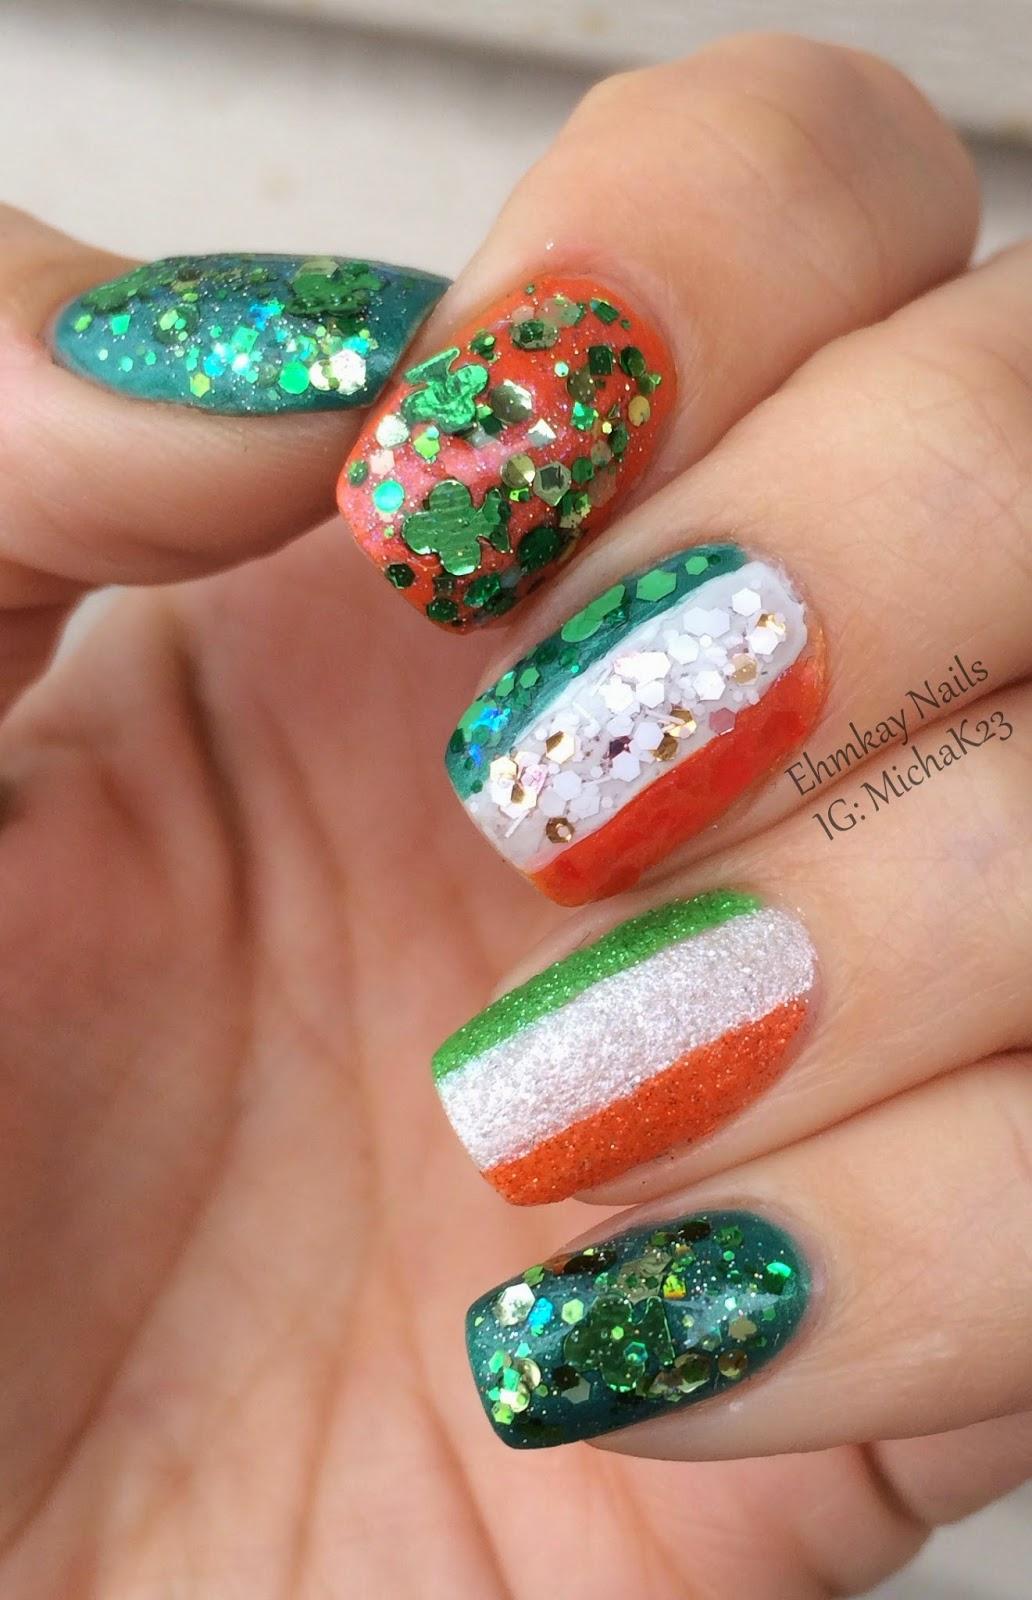 Nail Art Ideas shamrock nail art tutorial : ehmkay nails: Happy St. Patrick's Day Nails! Ireland Flag and ...